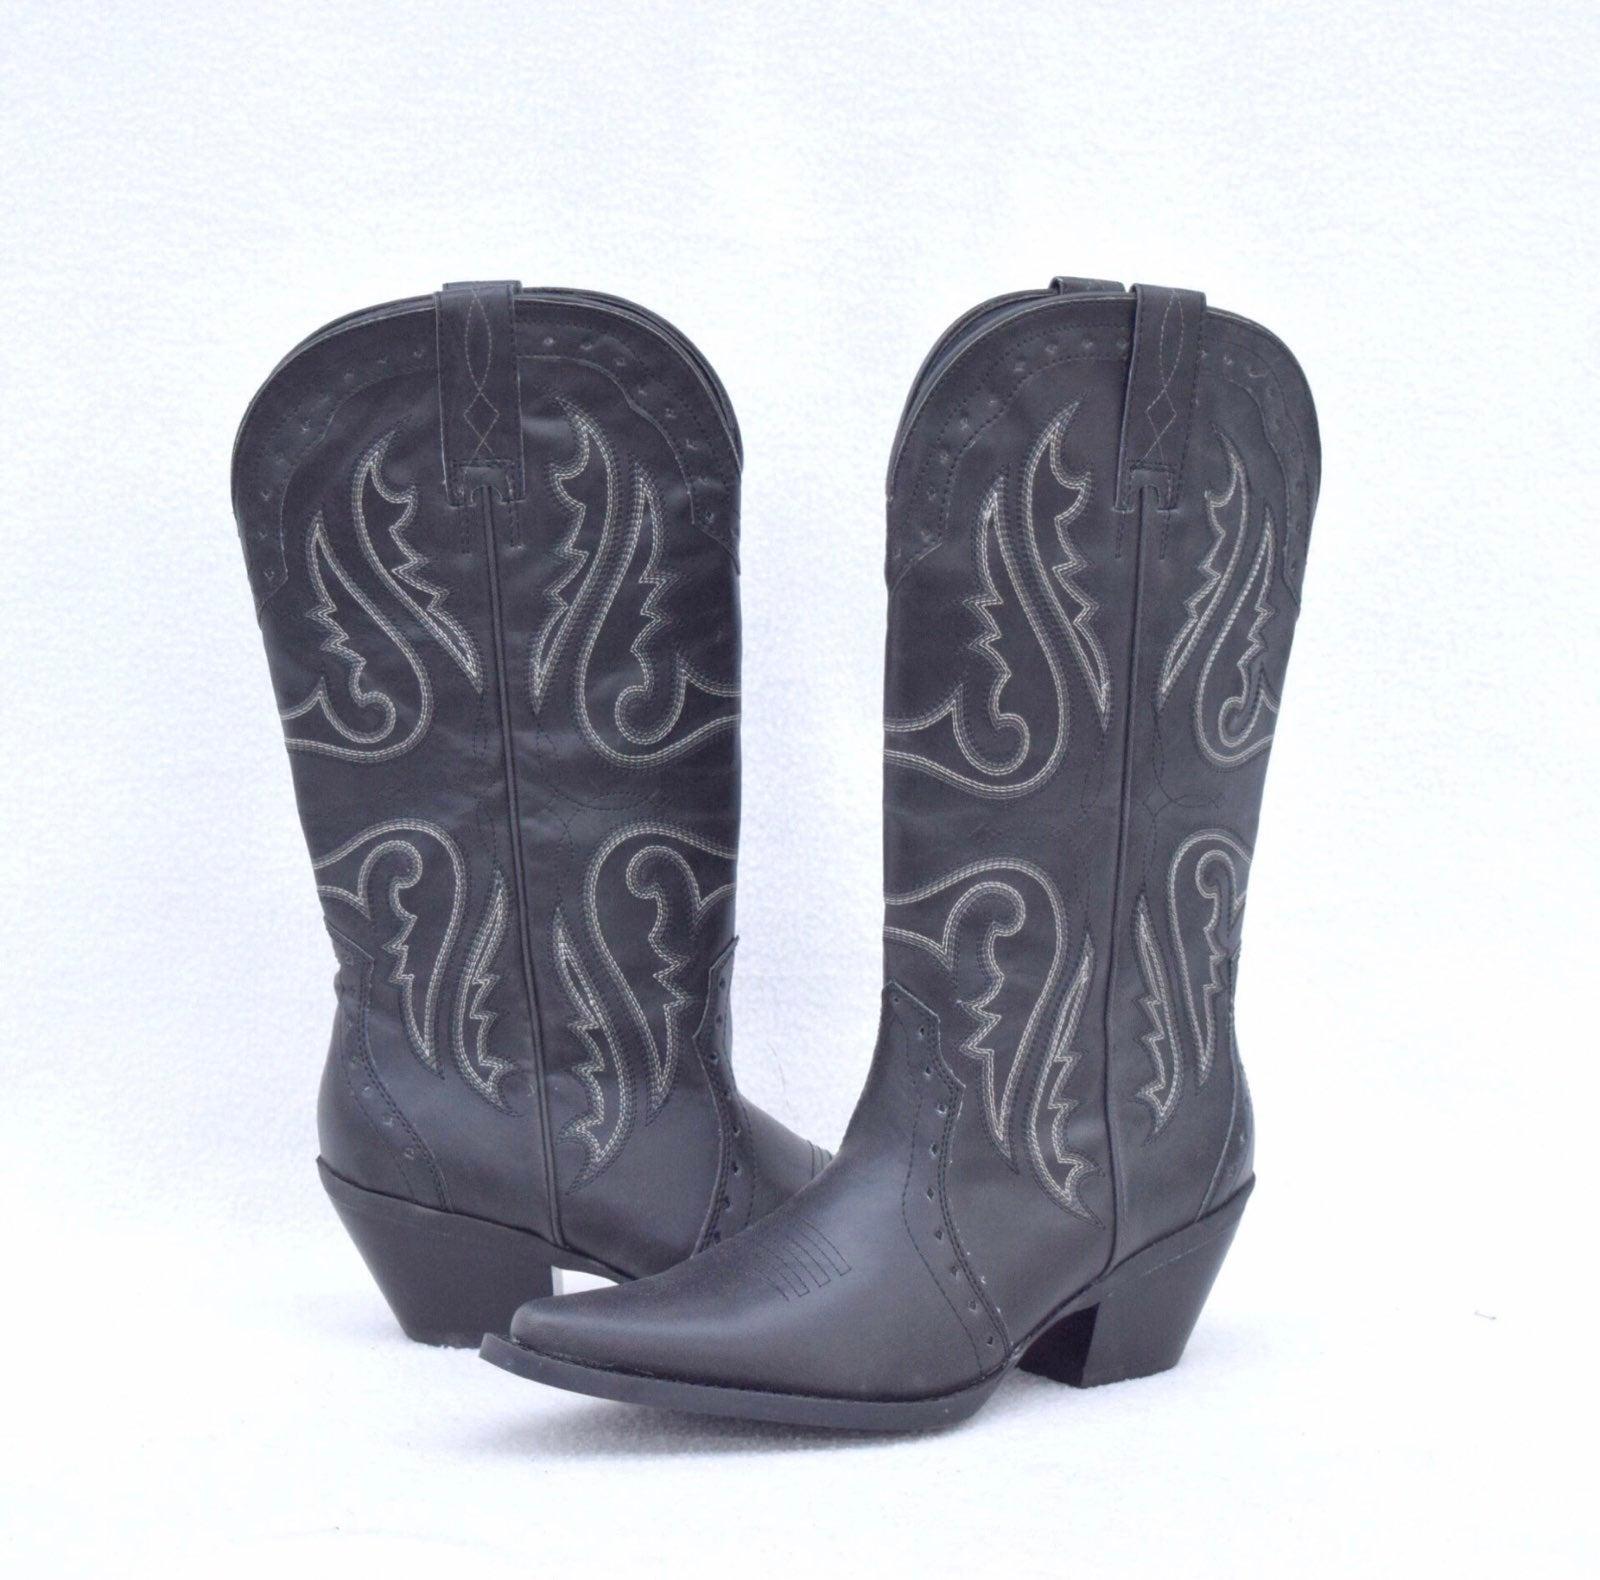 Nomad Trigger black boots